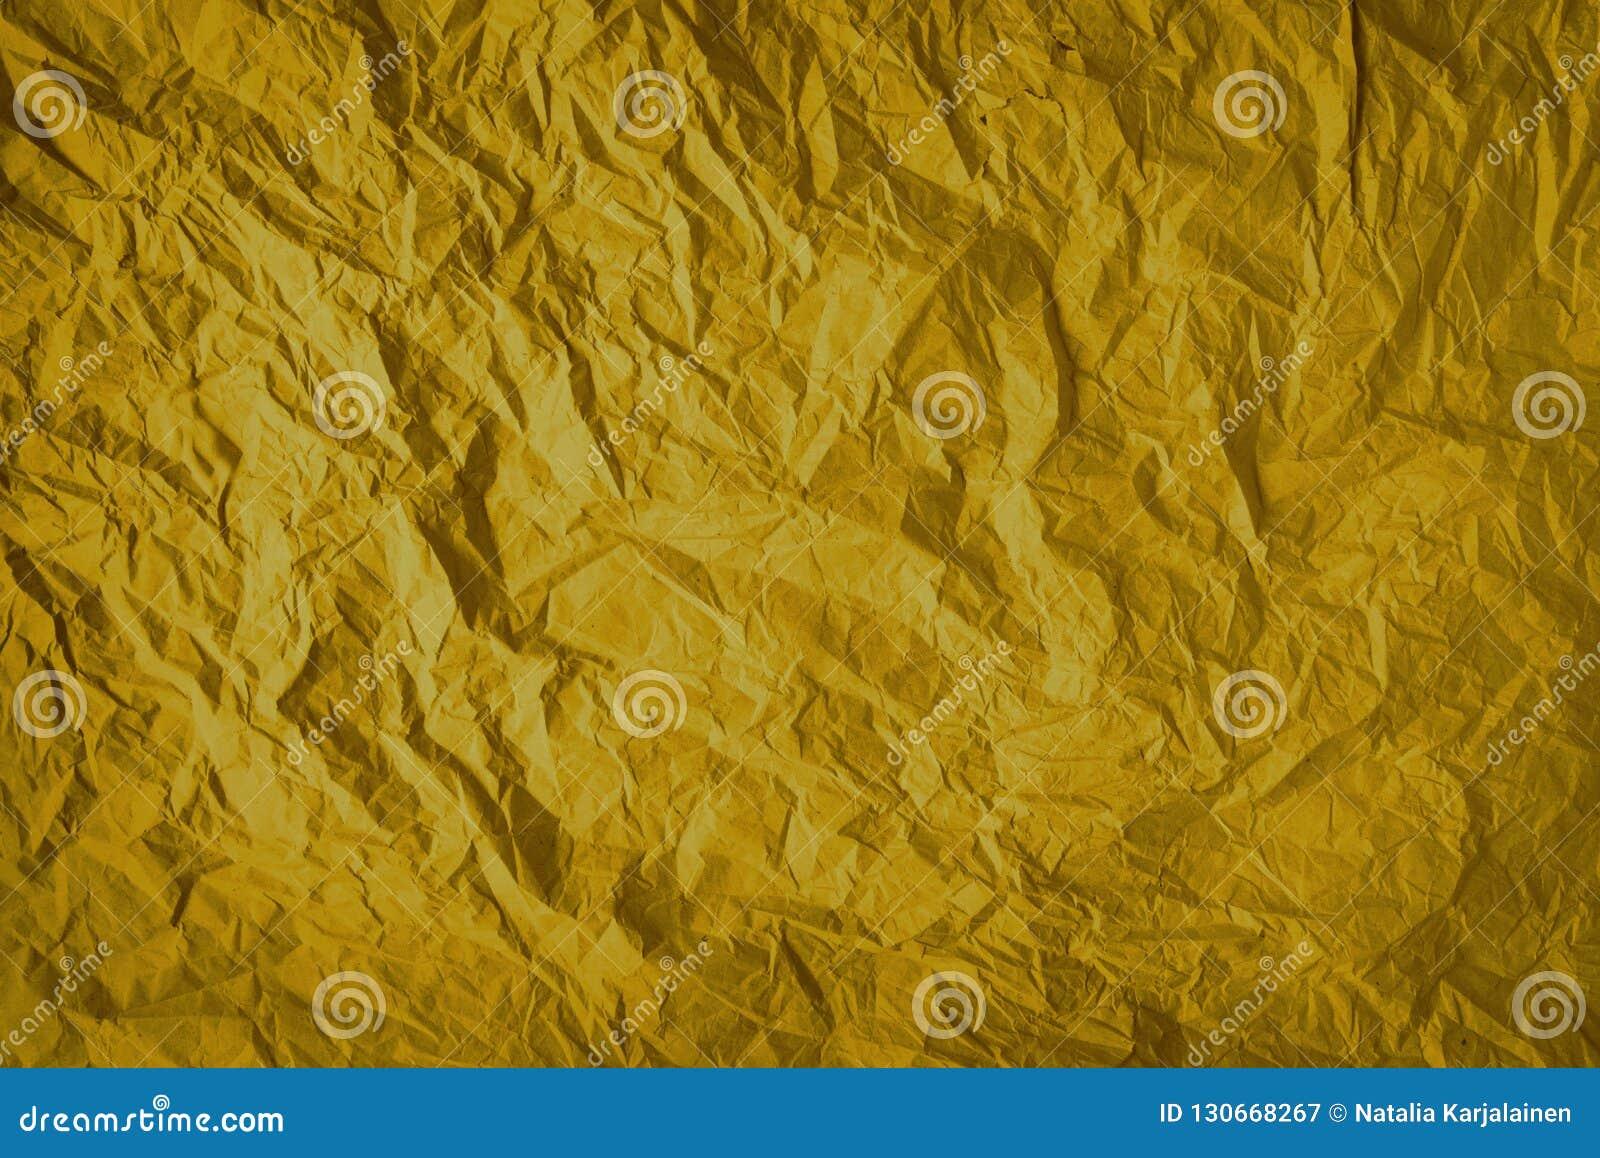 Het goud verfrommelde verpakkend die document achtergrond, textuur van grijs van oud uitstekend document, vouwen op de oppervlakt